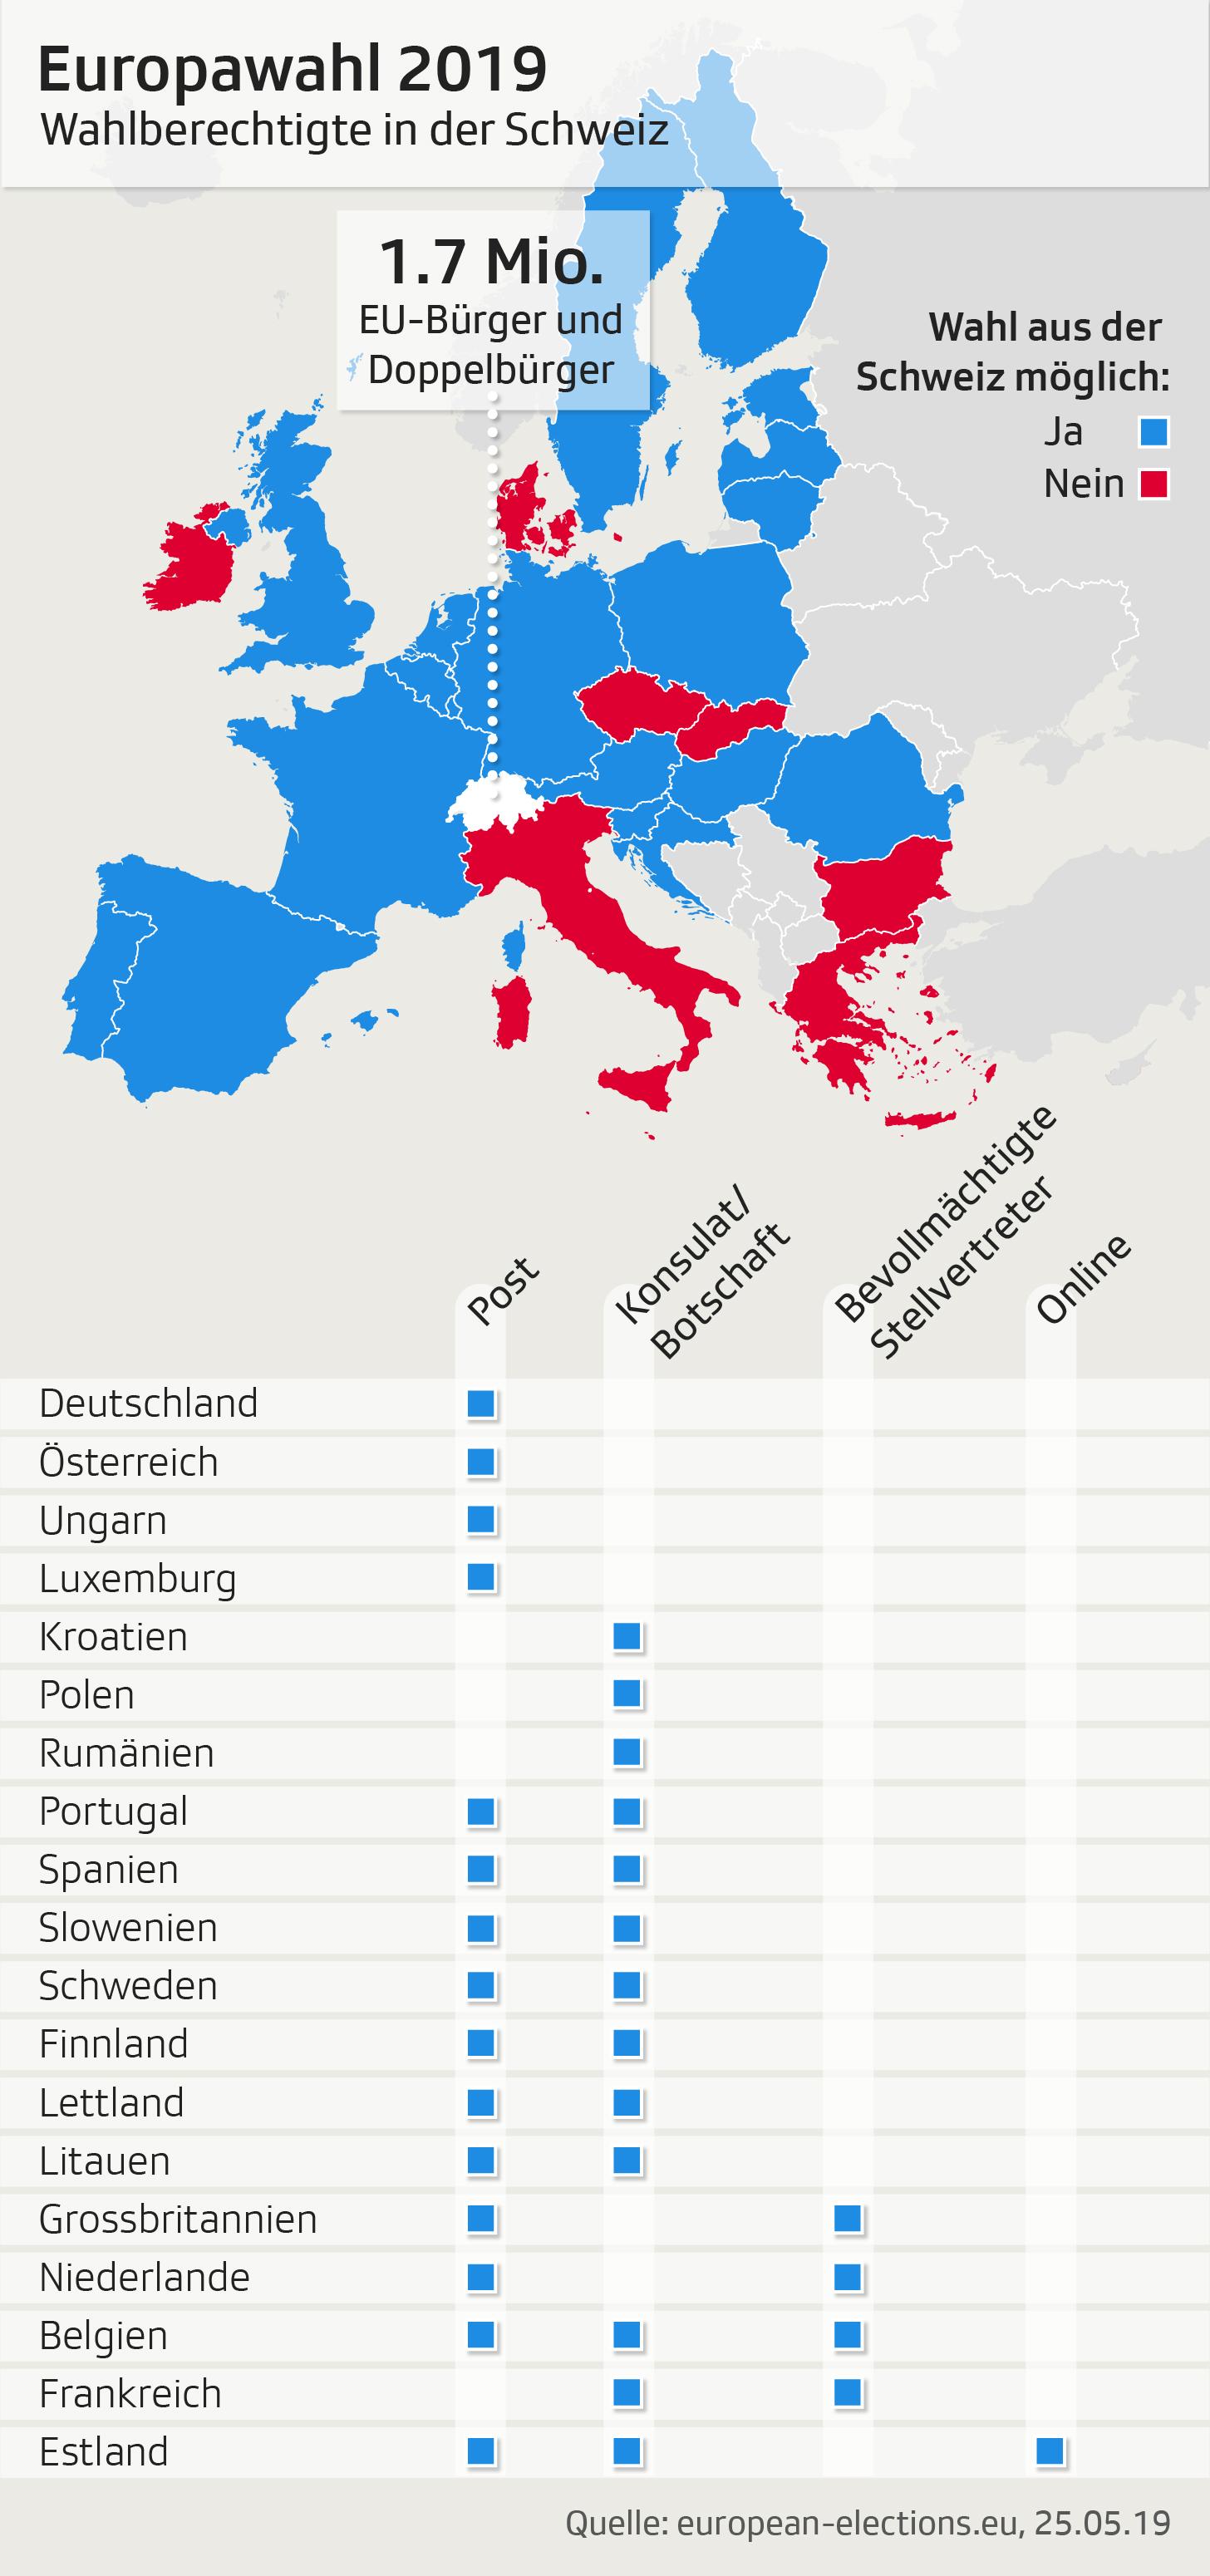 Wahlberechtigte Europawahl